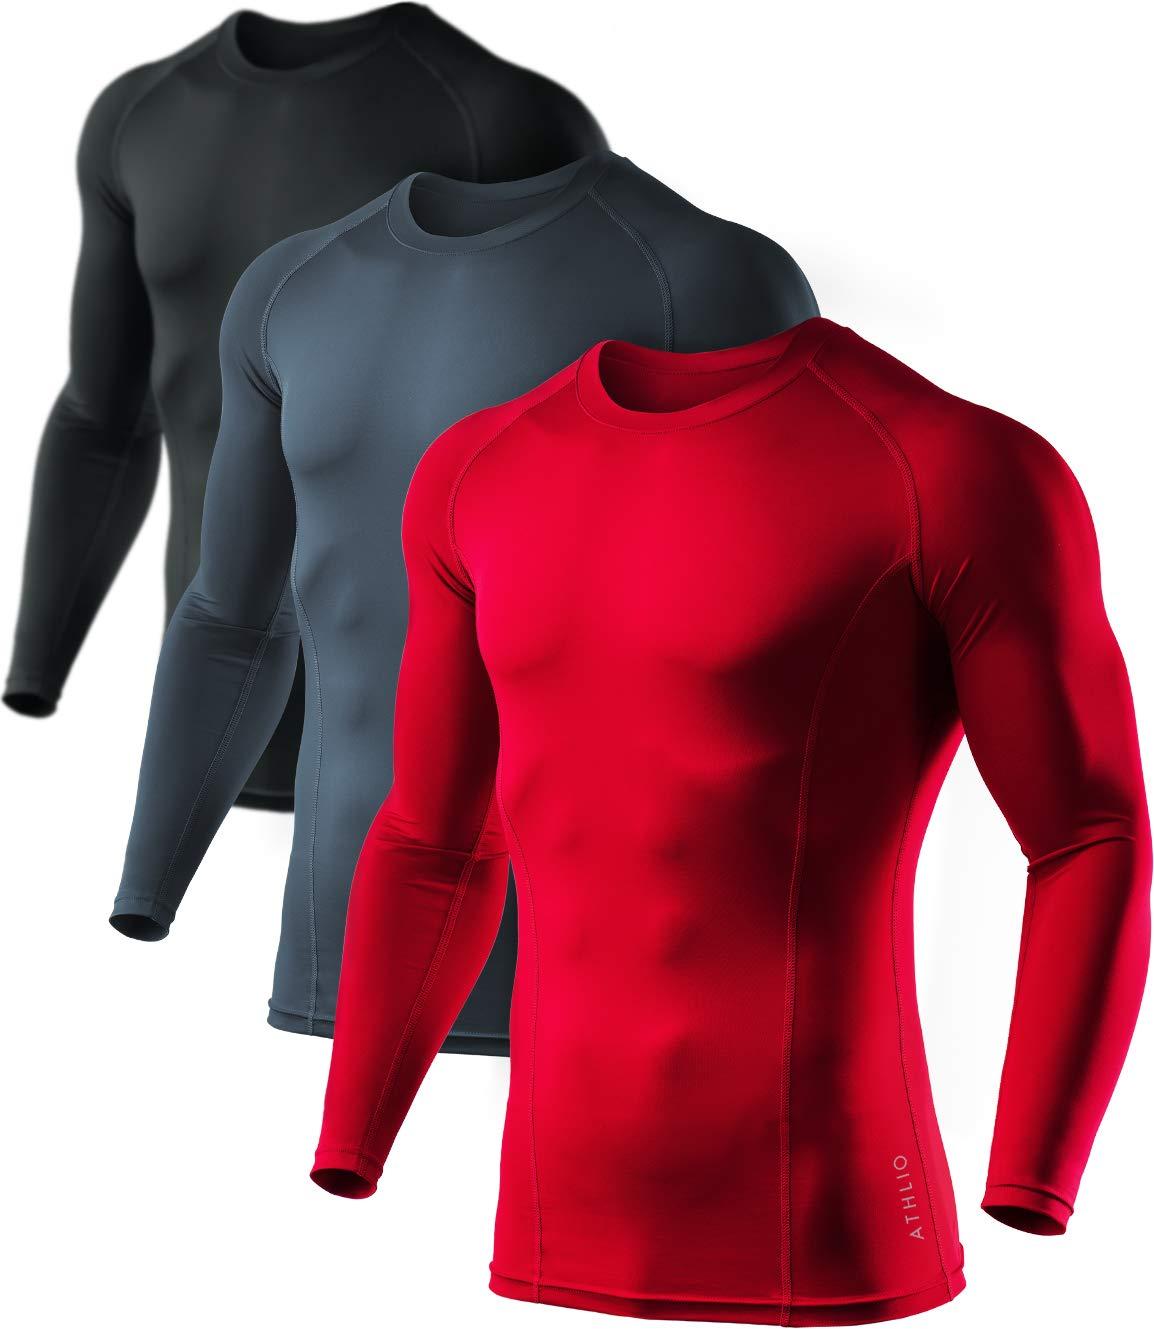 高品質の人気 ATHLIO メンズ クールドライコンプレッション 長袖 長袖 ベースレイヤー アスレチックスポーツTシャツ ATHLIO トップス Medium BLS01 B07JN7RF3G A-BLS01-KCR Medium Medium|A-BLS01-KCR, プシュケチカ:42648ddf --- svecha37.ru